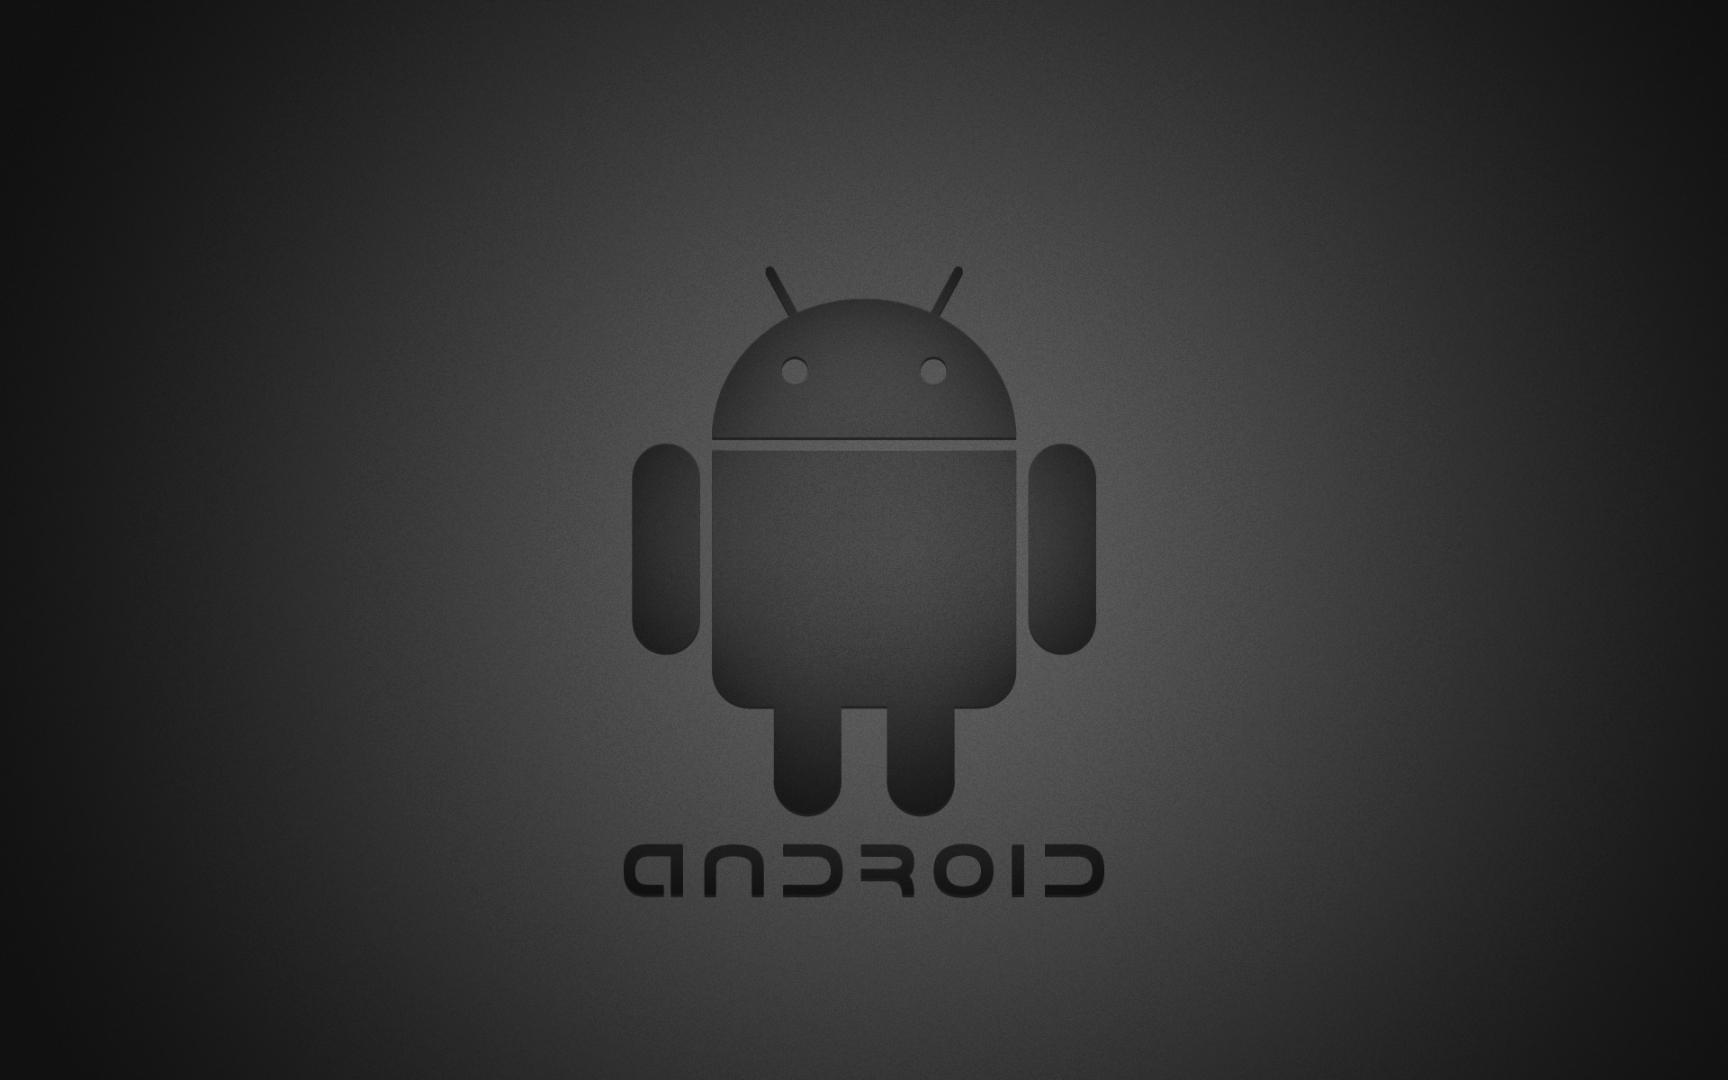 bild 2 13 android wallpaper android wallpaper android wallpaper bild 1728x1080